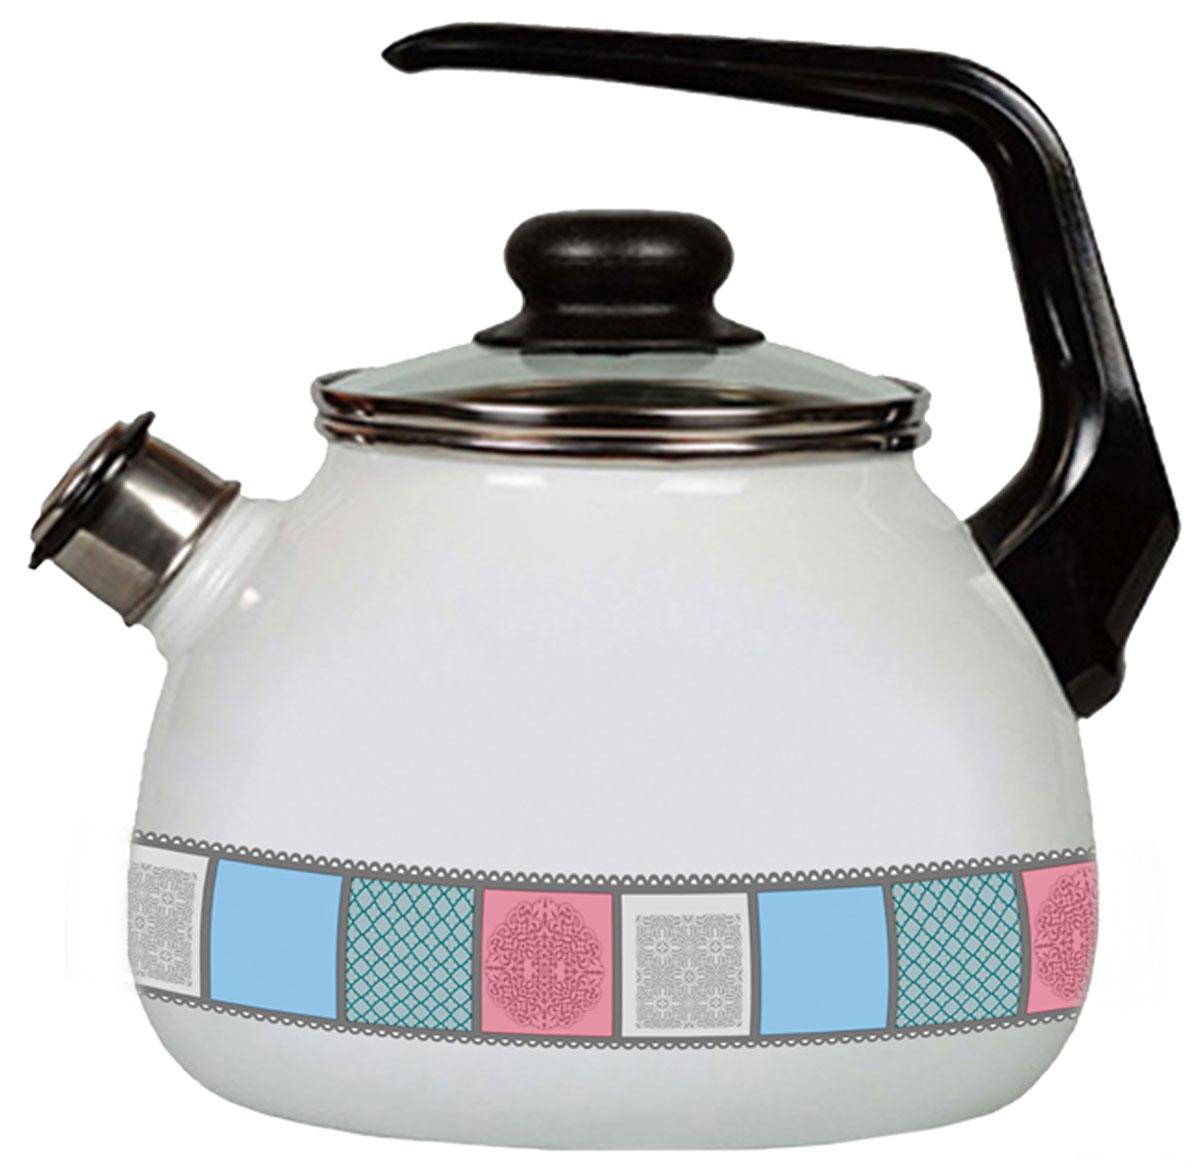 Чайник Appetite Пастель, со свистком, 3 л чайник со свистком 3 8 л regent люкс 93 2503b 2